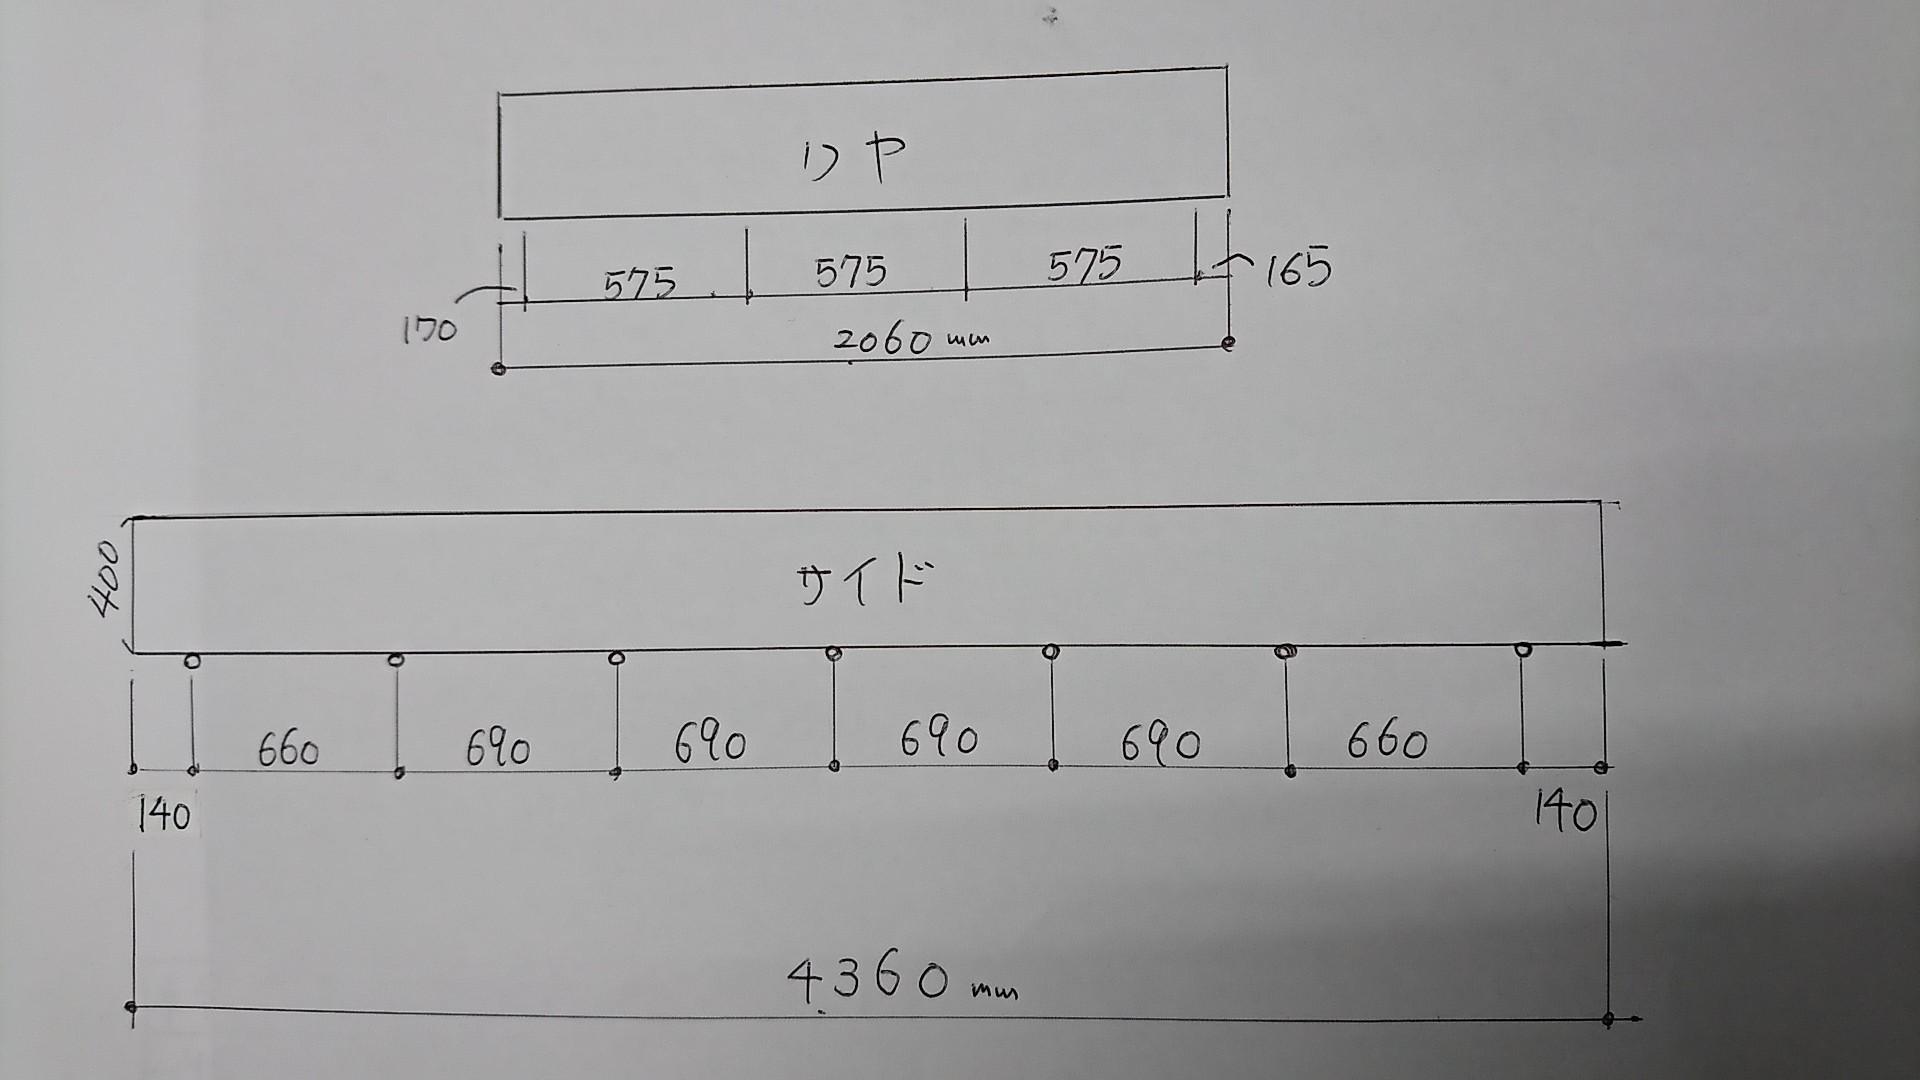 ワイドロング用 アルミアオリ 4360mm*2060mm3